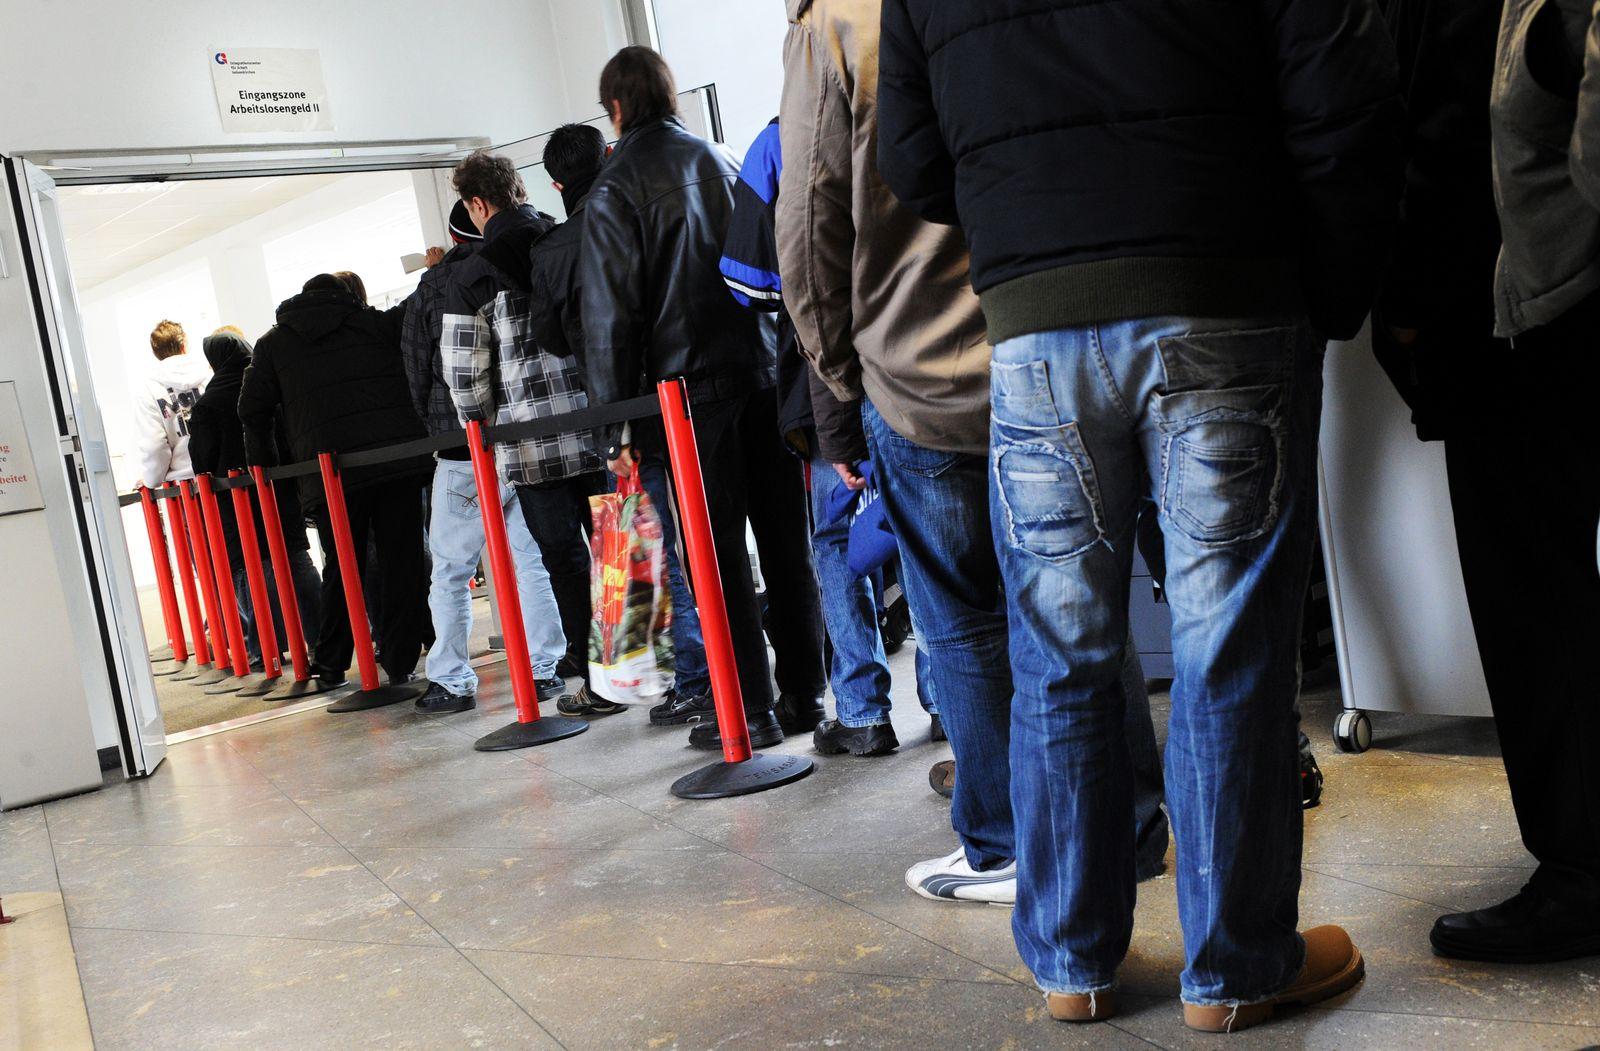 Arbeitslose stehen Schlange / Arbeitsagentur / Arbeitslosigkeit